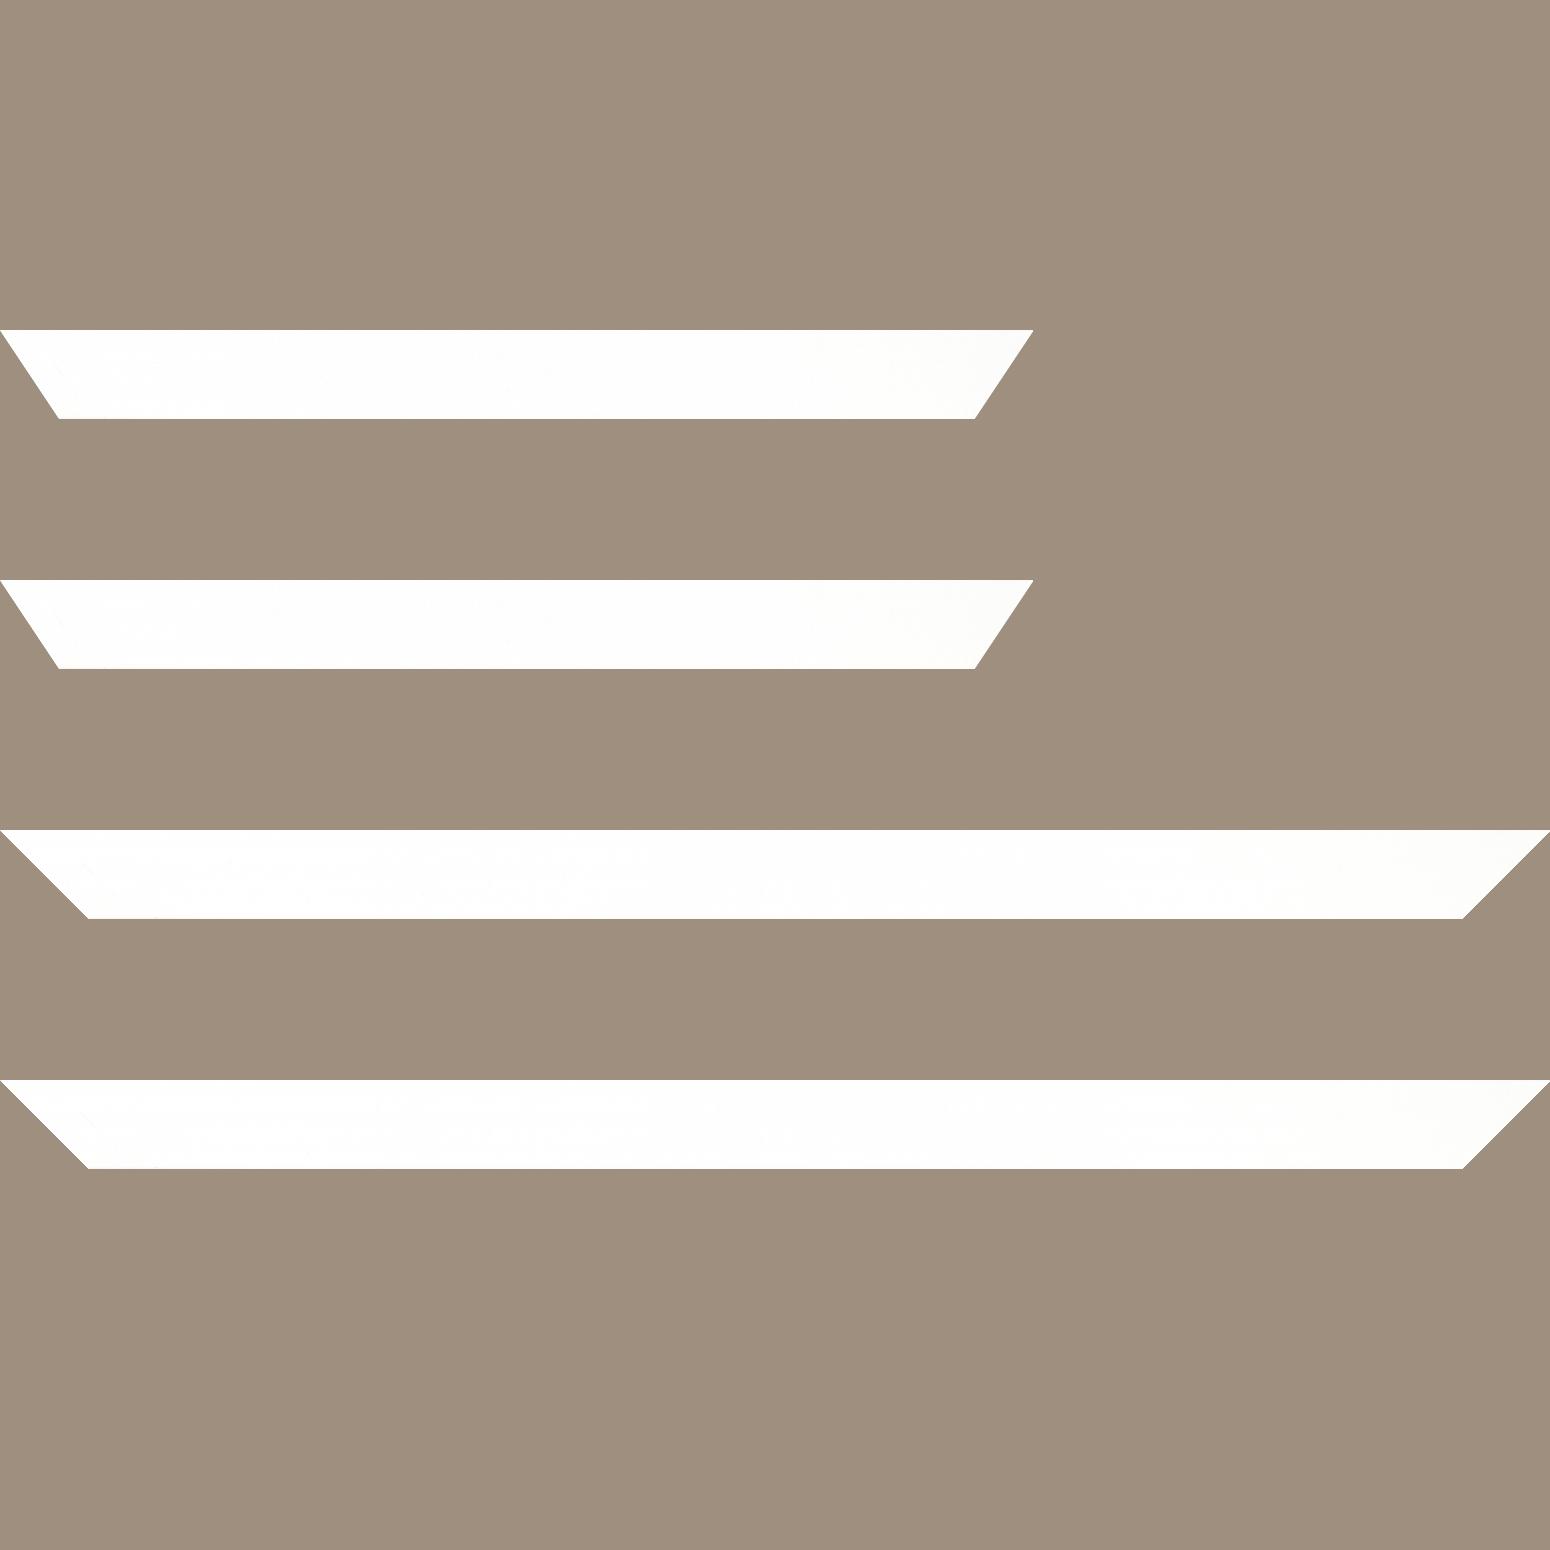 Baguette service précoupé Bois profil plat largeur 3cm couleur blanc mat finition pore bouché effet cube (le sujet qui sera glissé dans le cadre sera en retrait de la face du cadre de 1.4cm assurant un effet très contemporain)